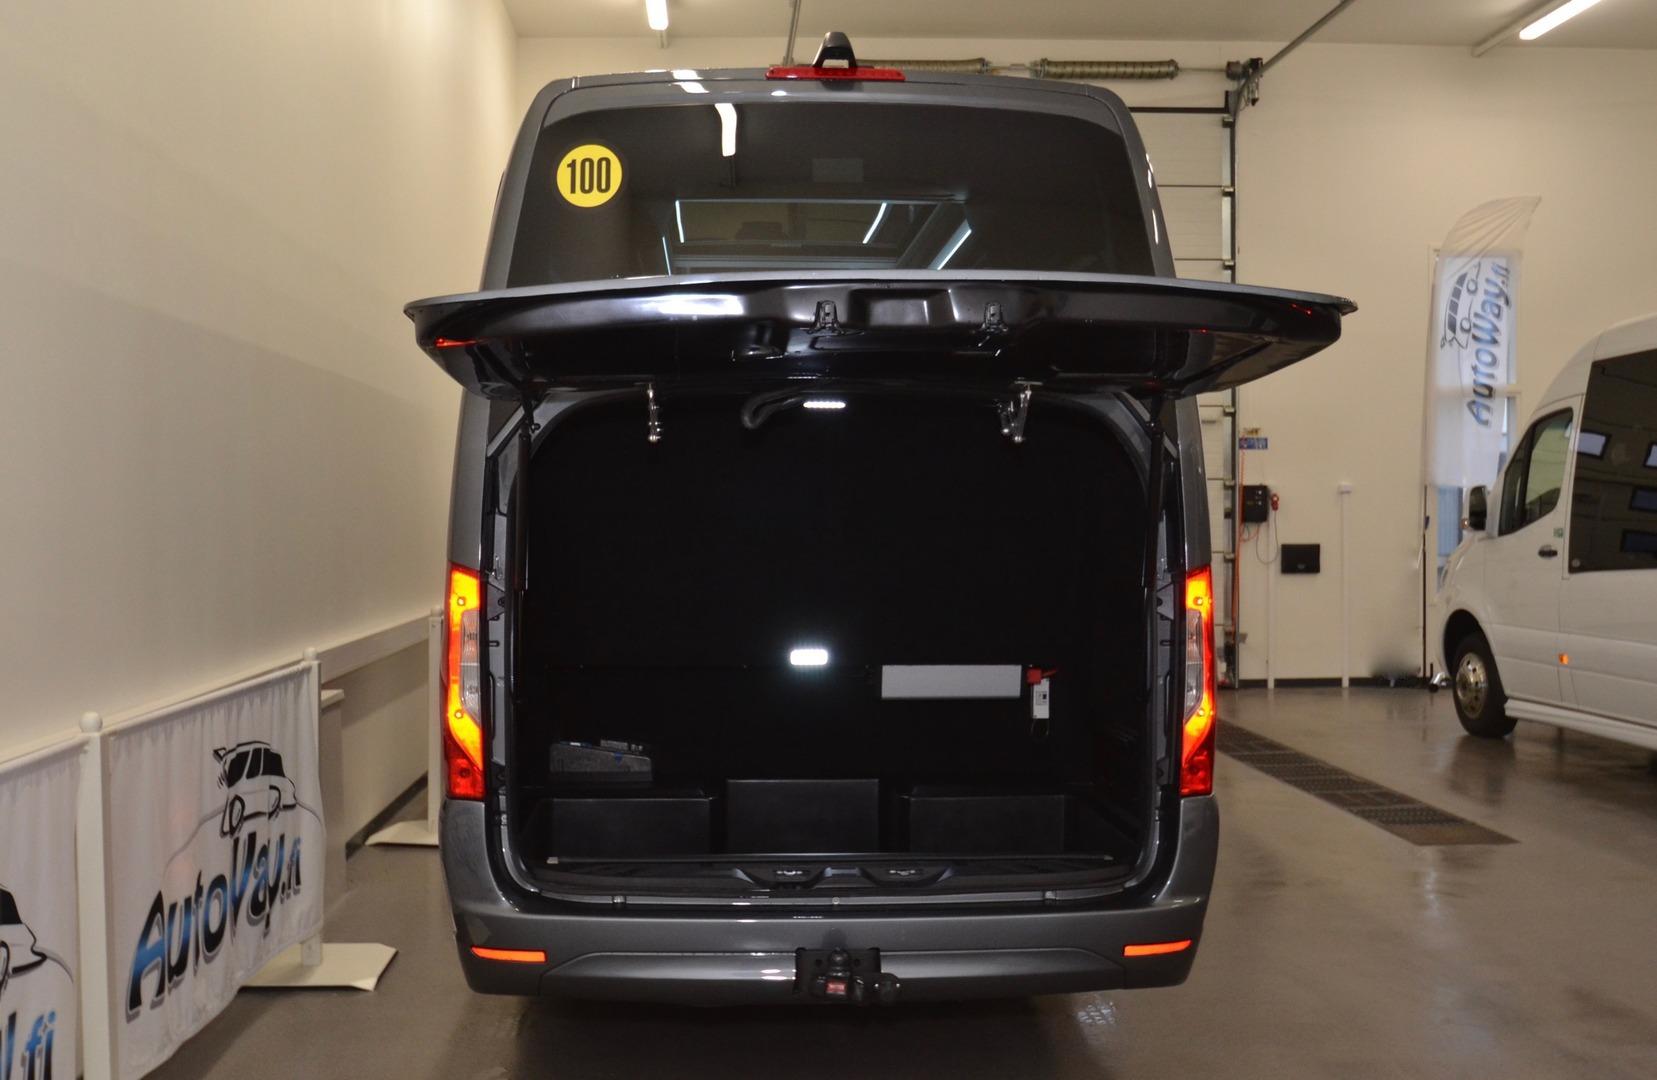 Mercedes-Benz Sprinter, 519 CDI EVM Turist